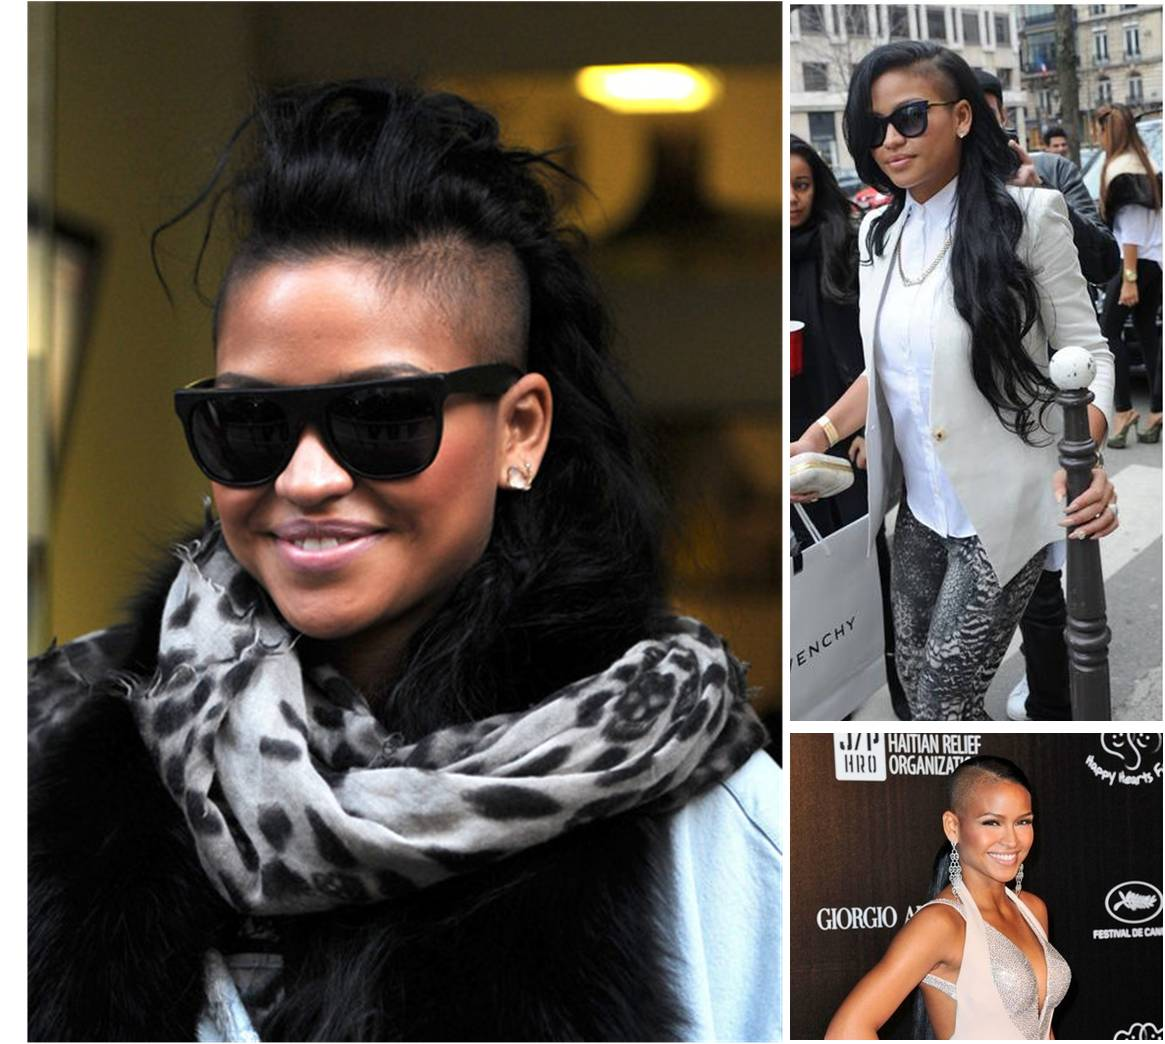 http://2.bp.blogspot.com/-TOWmVJmgYwU/T7duHTIZf_I/AAAAAAAABjE/OJhjw-zlKN0/s1600/Celebrity+Style_Cassie.jpg